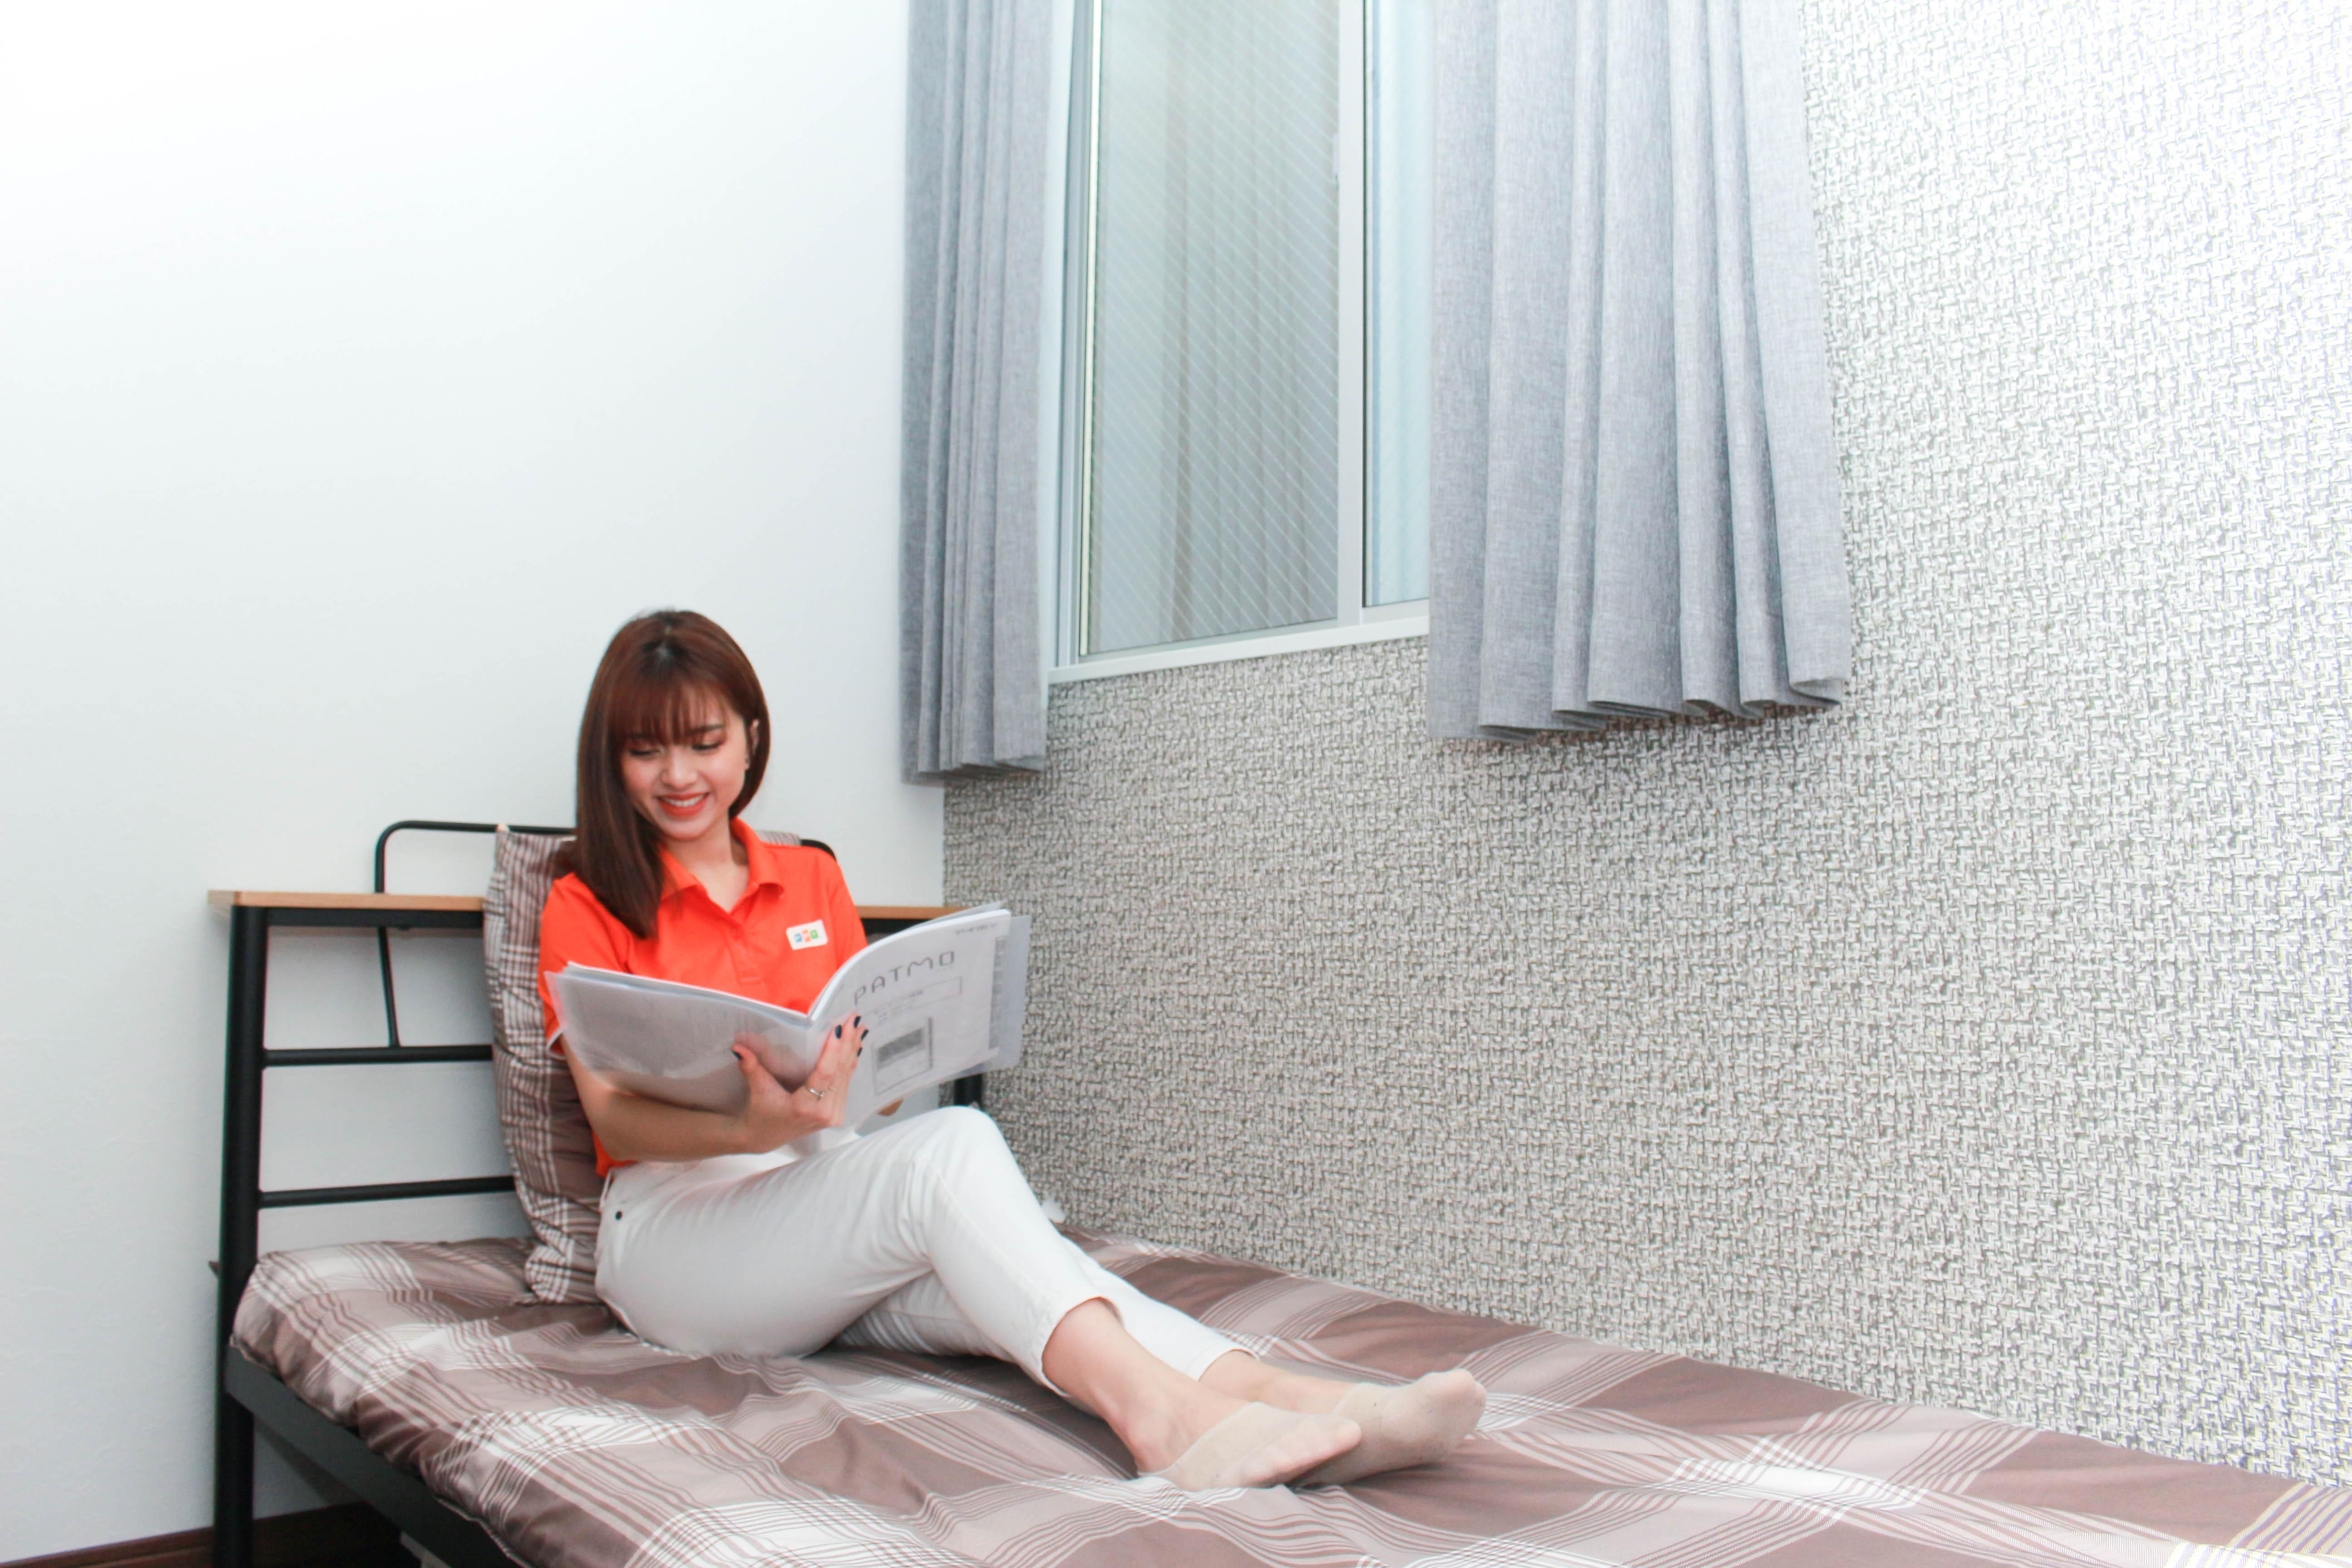 Mỗi phòng ngủ rộng khoảng 7m2 được trang bị 1 giường, chăn - gối - đệm. 1 giá treo quần áo, bộ bàn làm việc, bát - đũa,...